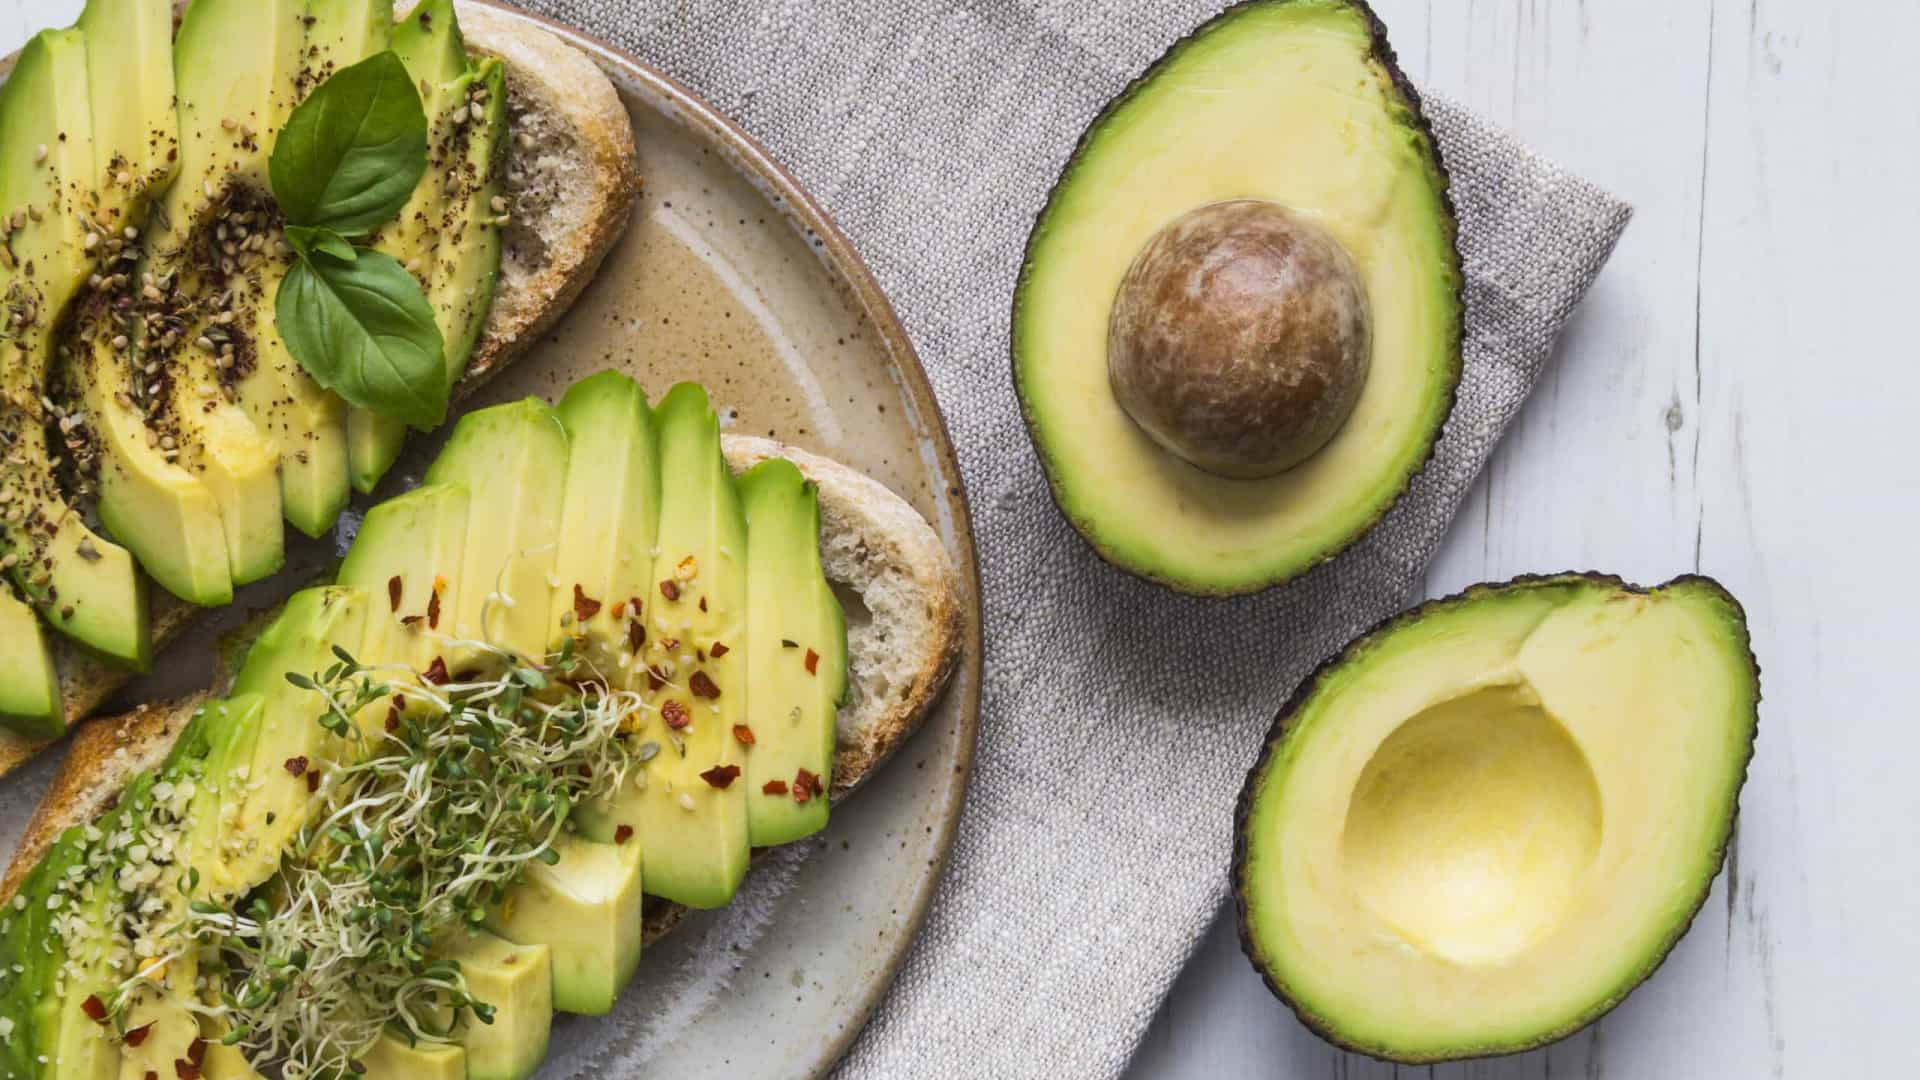 Estudo confirma: Comer um abacate por dia reduz o colesterol